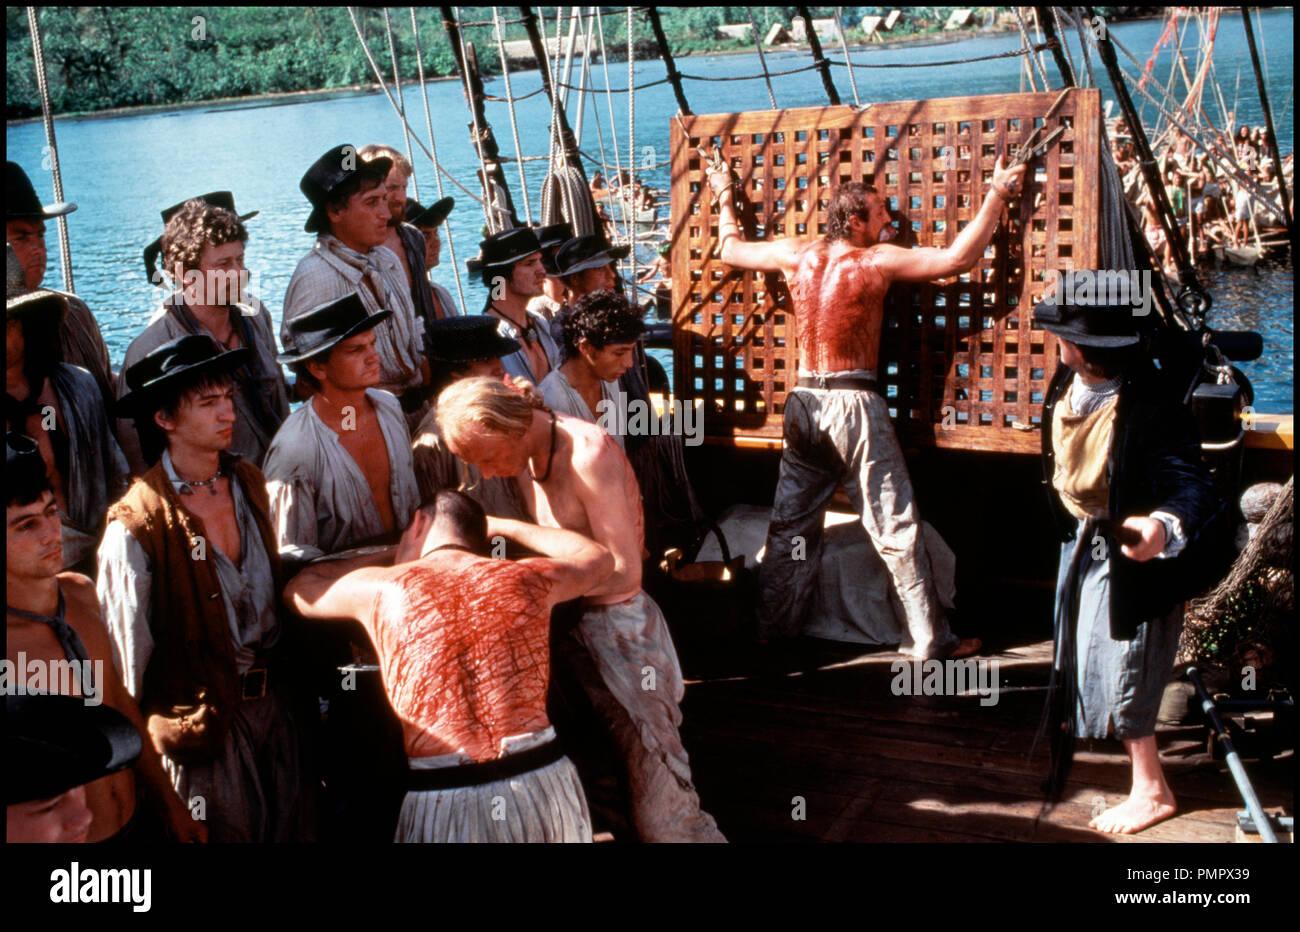 Prod DB © De Laurentiis / DR LE BOUNTY (THE BOUNTY) de Roger Donalson 1984 GB/USA marin, bateau, navire, voilier, chatiment corporel, coup de fouet, torture, sadisme d'apres le roman de Richard Hough remake des 'Revoltes du Bounty' (1935 et 1962) - Stock Image